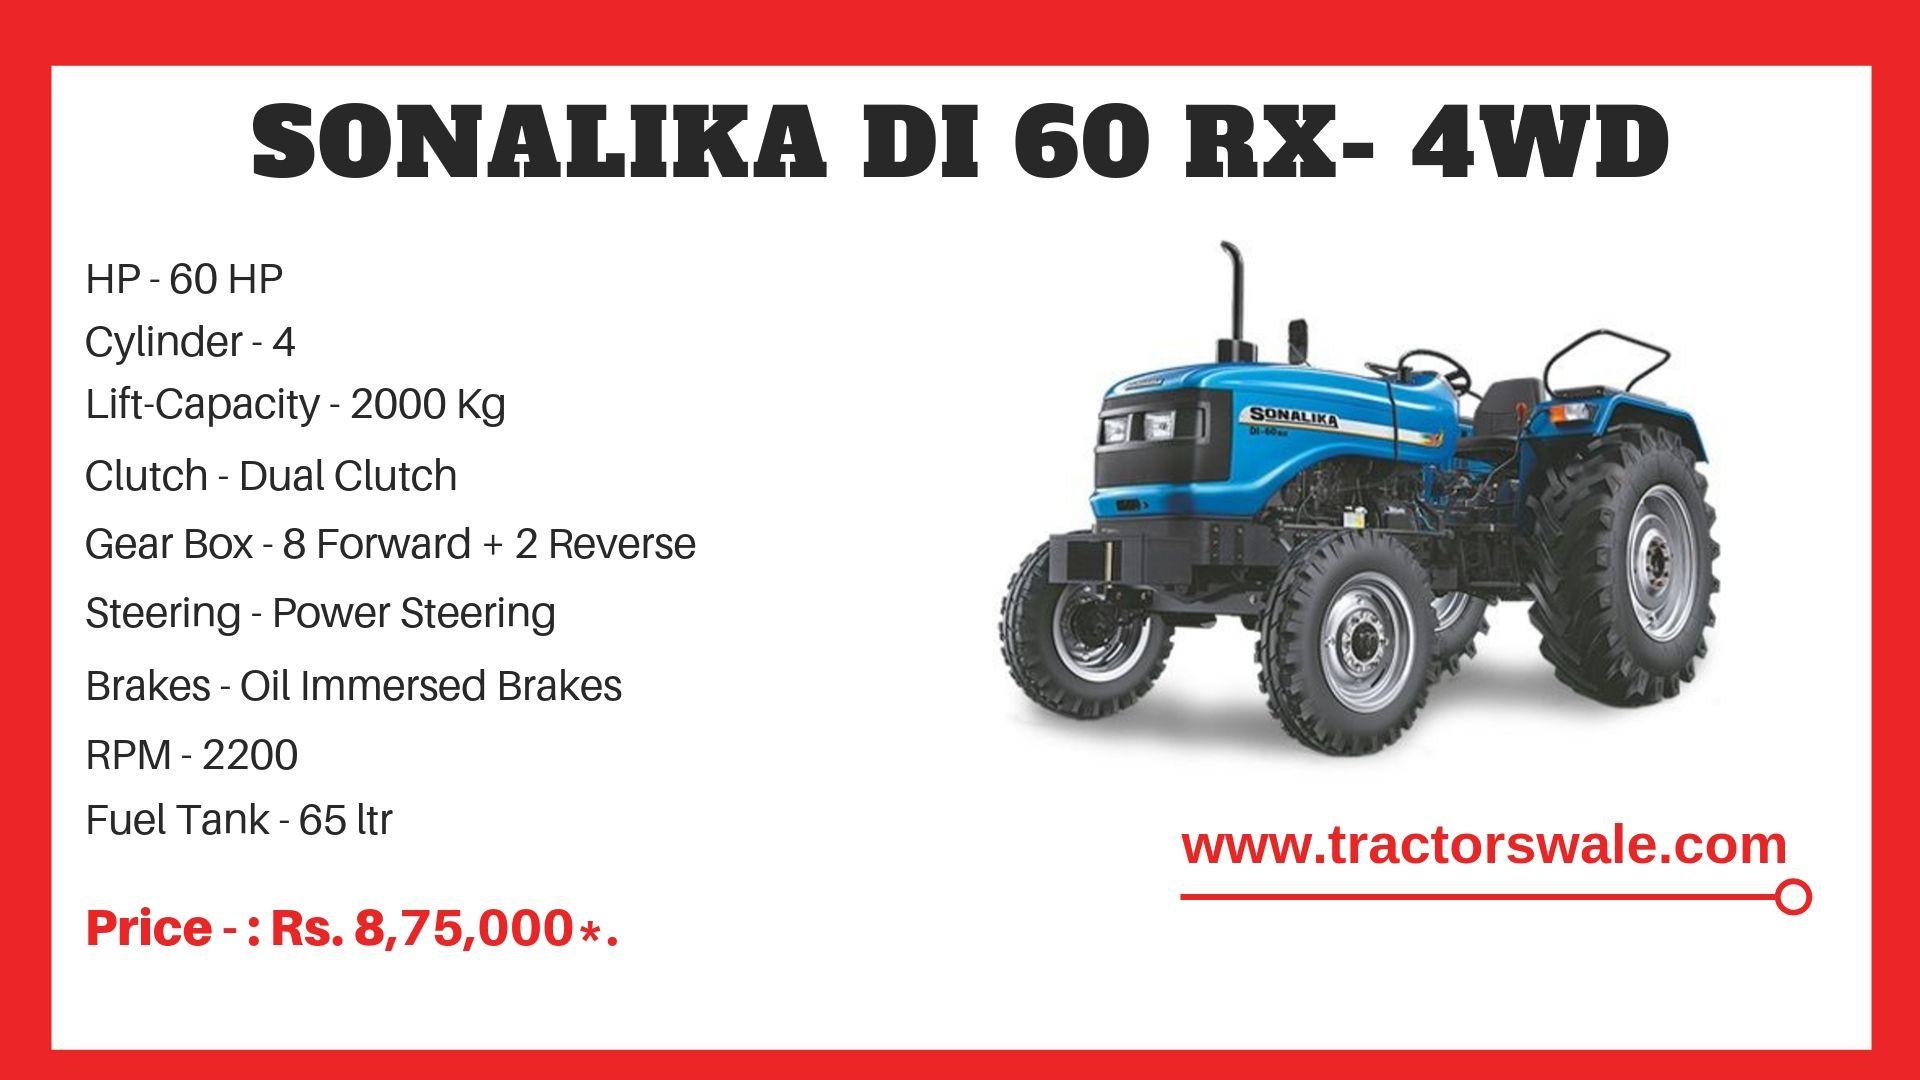 Sonalika DI 60 RX tractor price